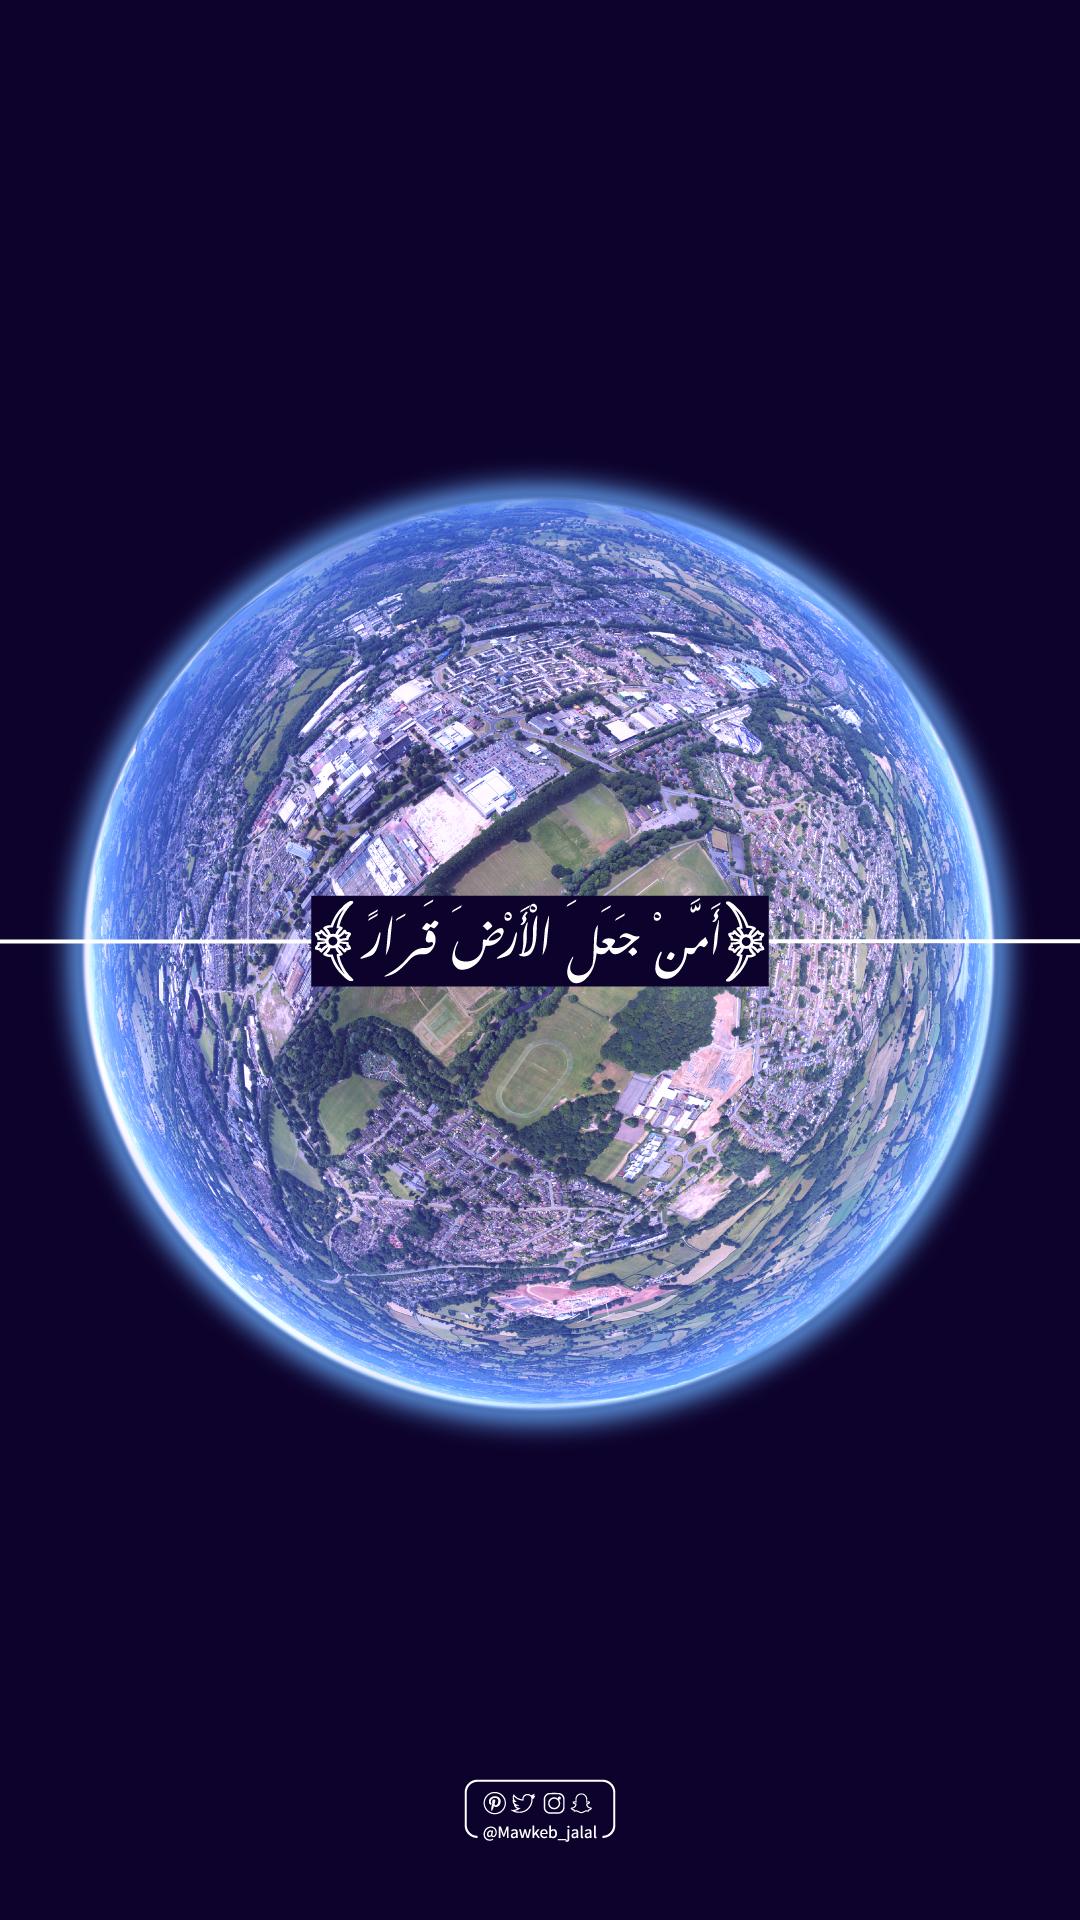 نحن نعيش على كوكب ازرق يدور على كرة من النار بجانب قمر يحرك البحر وأنت لازلت لاتؤمن بالمعجزات موكب الجلال Celestial Celestial Bodies Moon